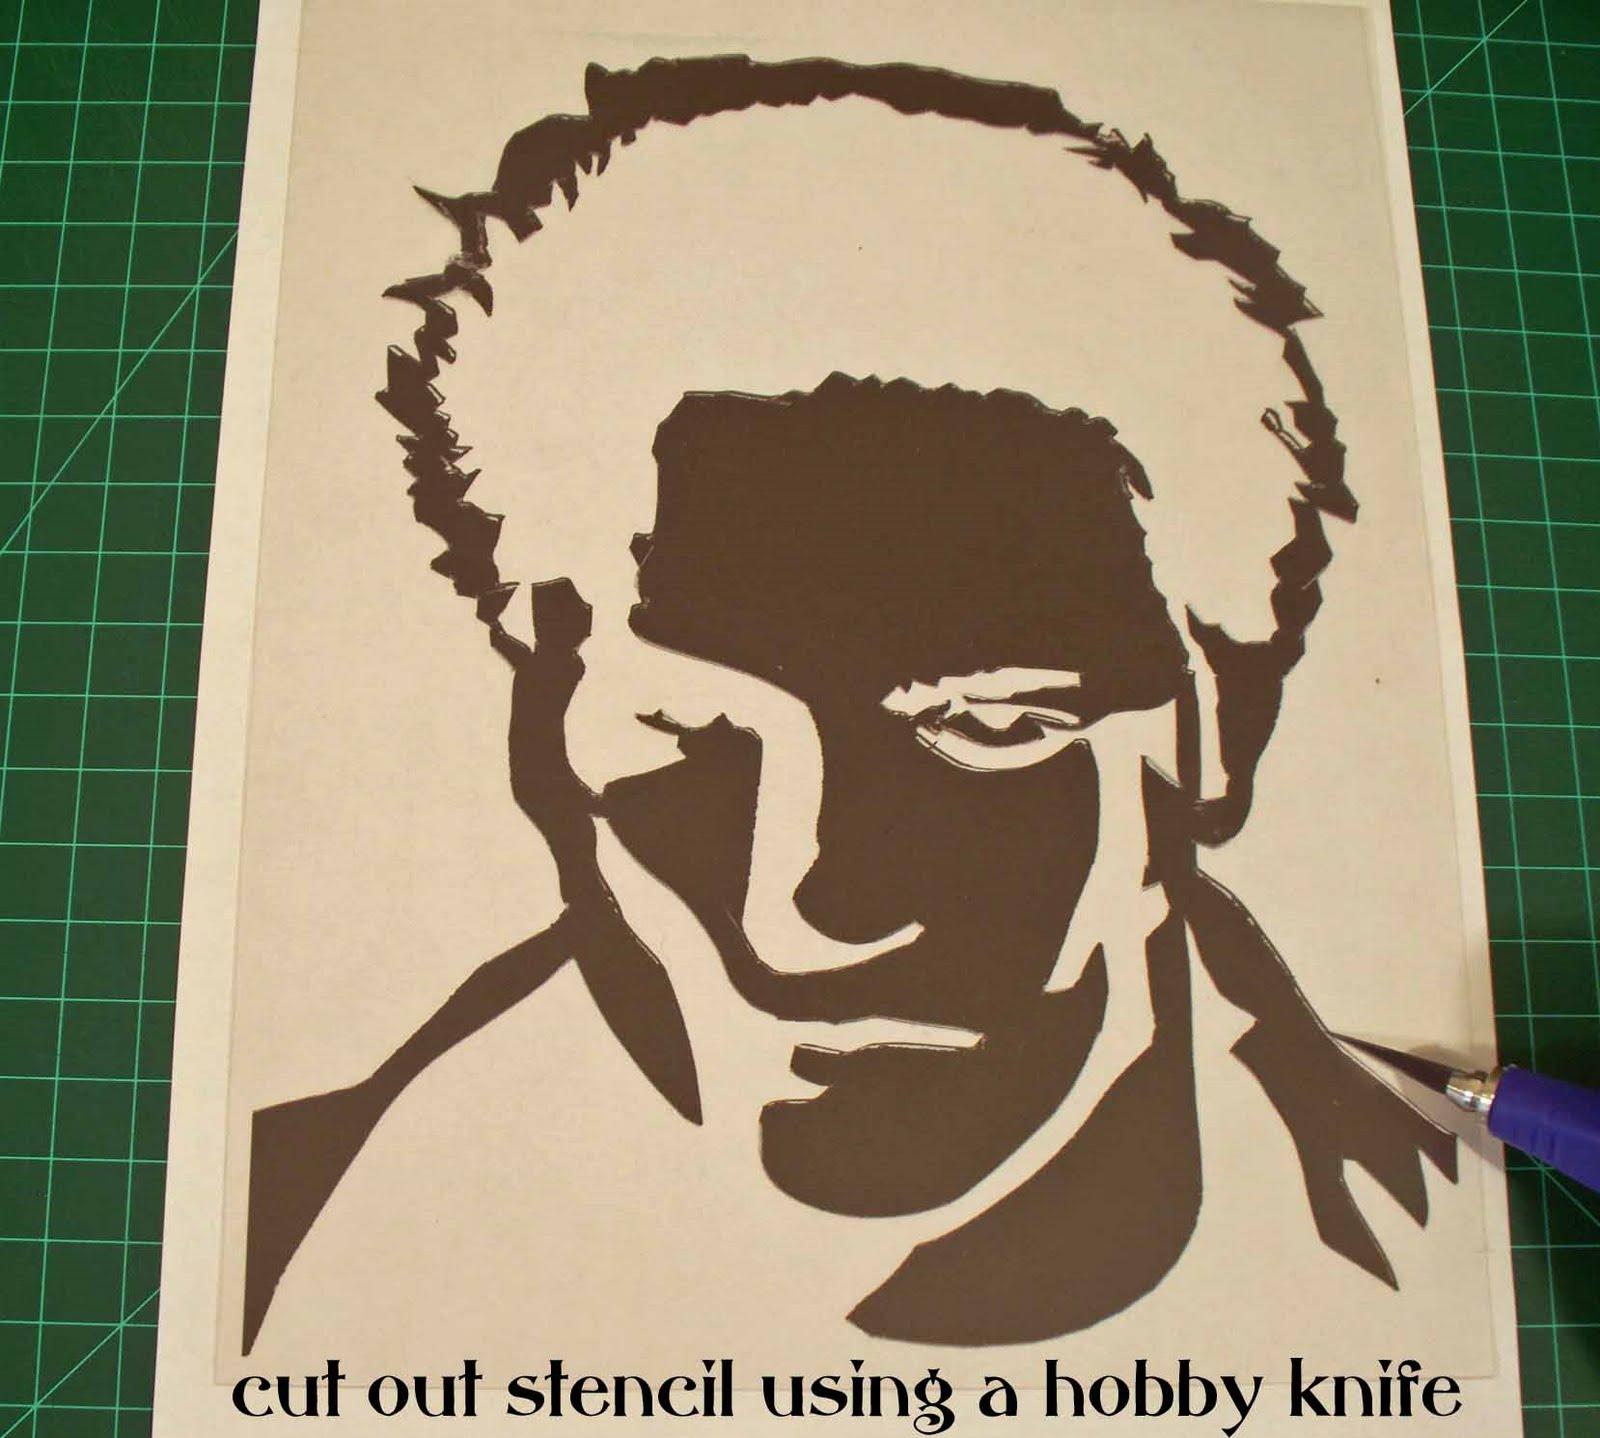 http://4.bp.blogspot.com/_qx-NMYtWq8Q/TCTCHBsJmMI/AAAAAAAAALI/bmAlJbSKZSI/s1600/Edward+stencil+copy.jpg